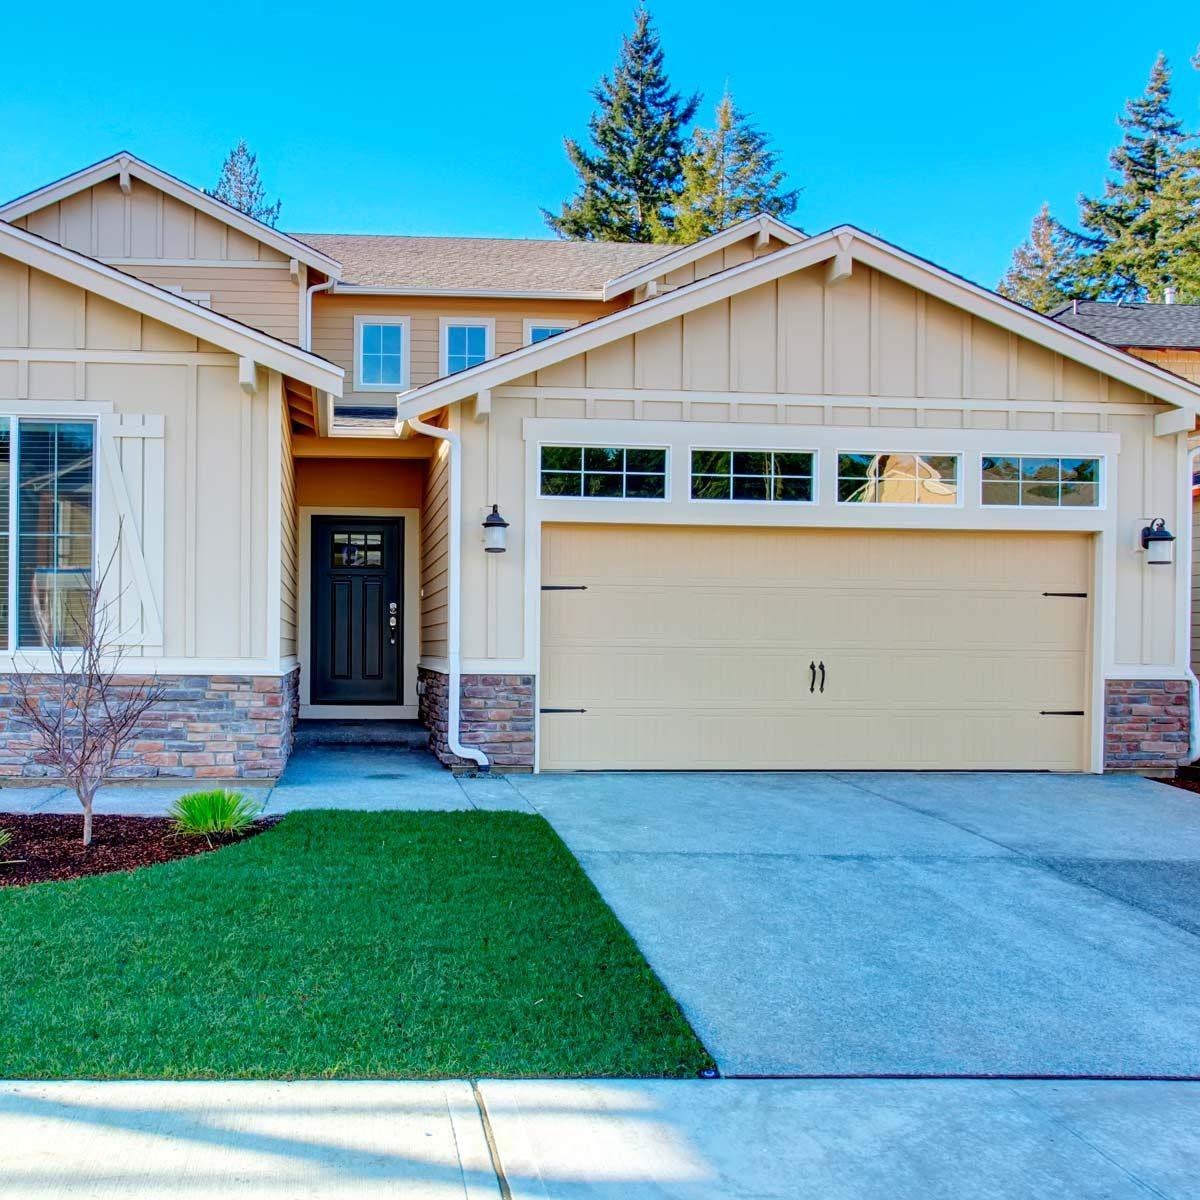 Garage Door Paint Ideas | Family Handyman on Choosing Garage Door Paint Colors  id=54001